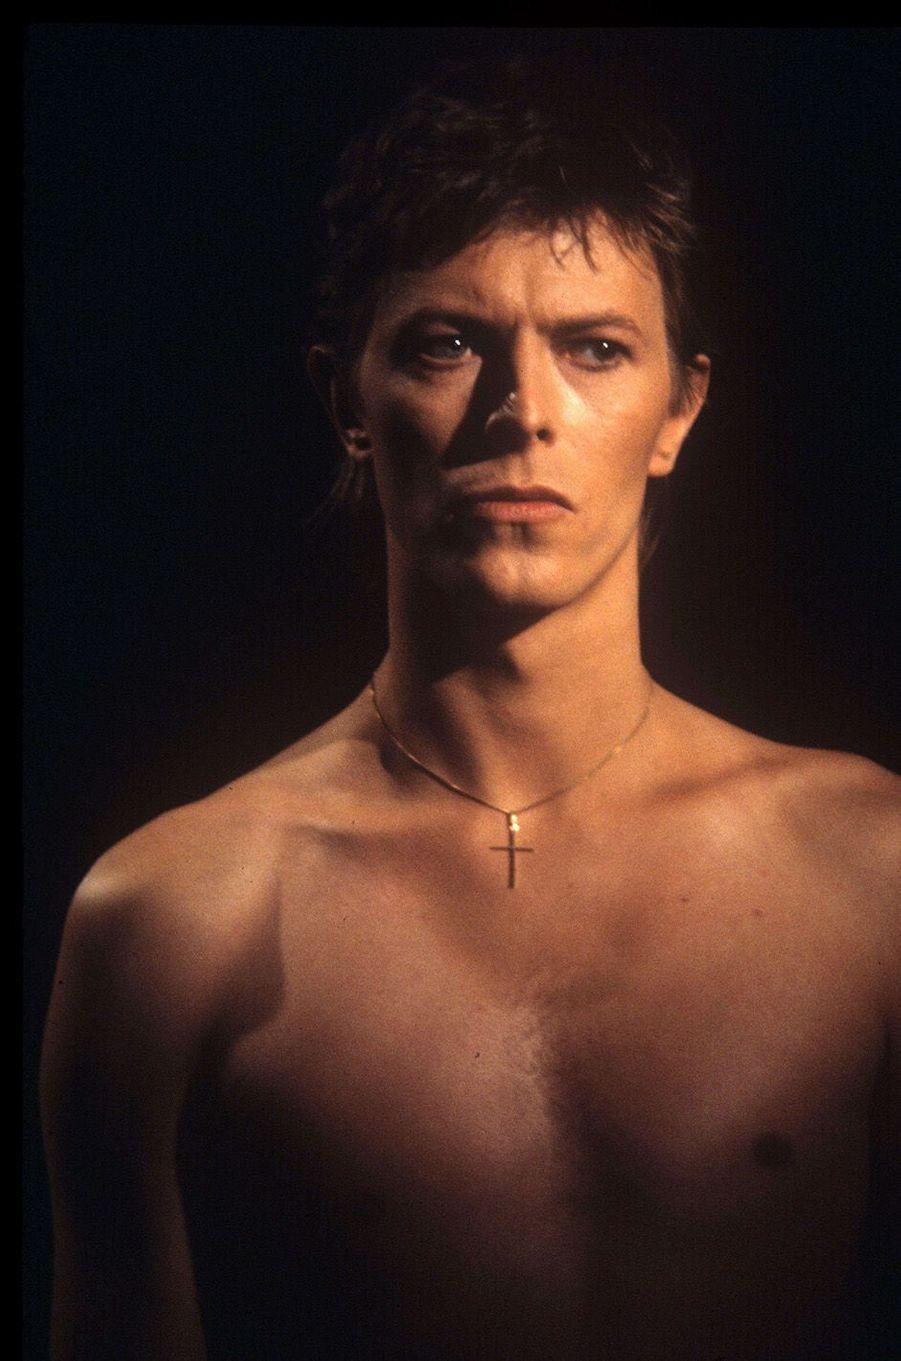 David Bowie en 1977.